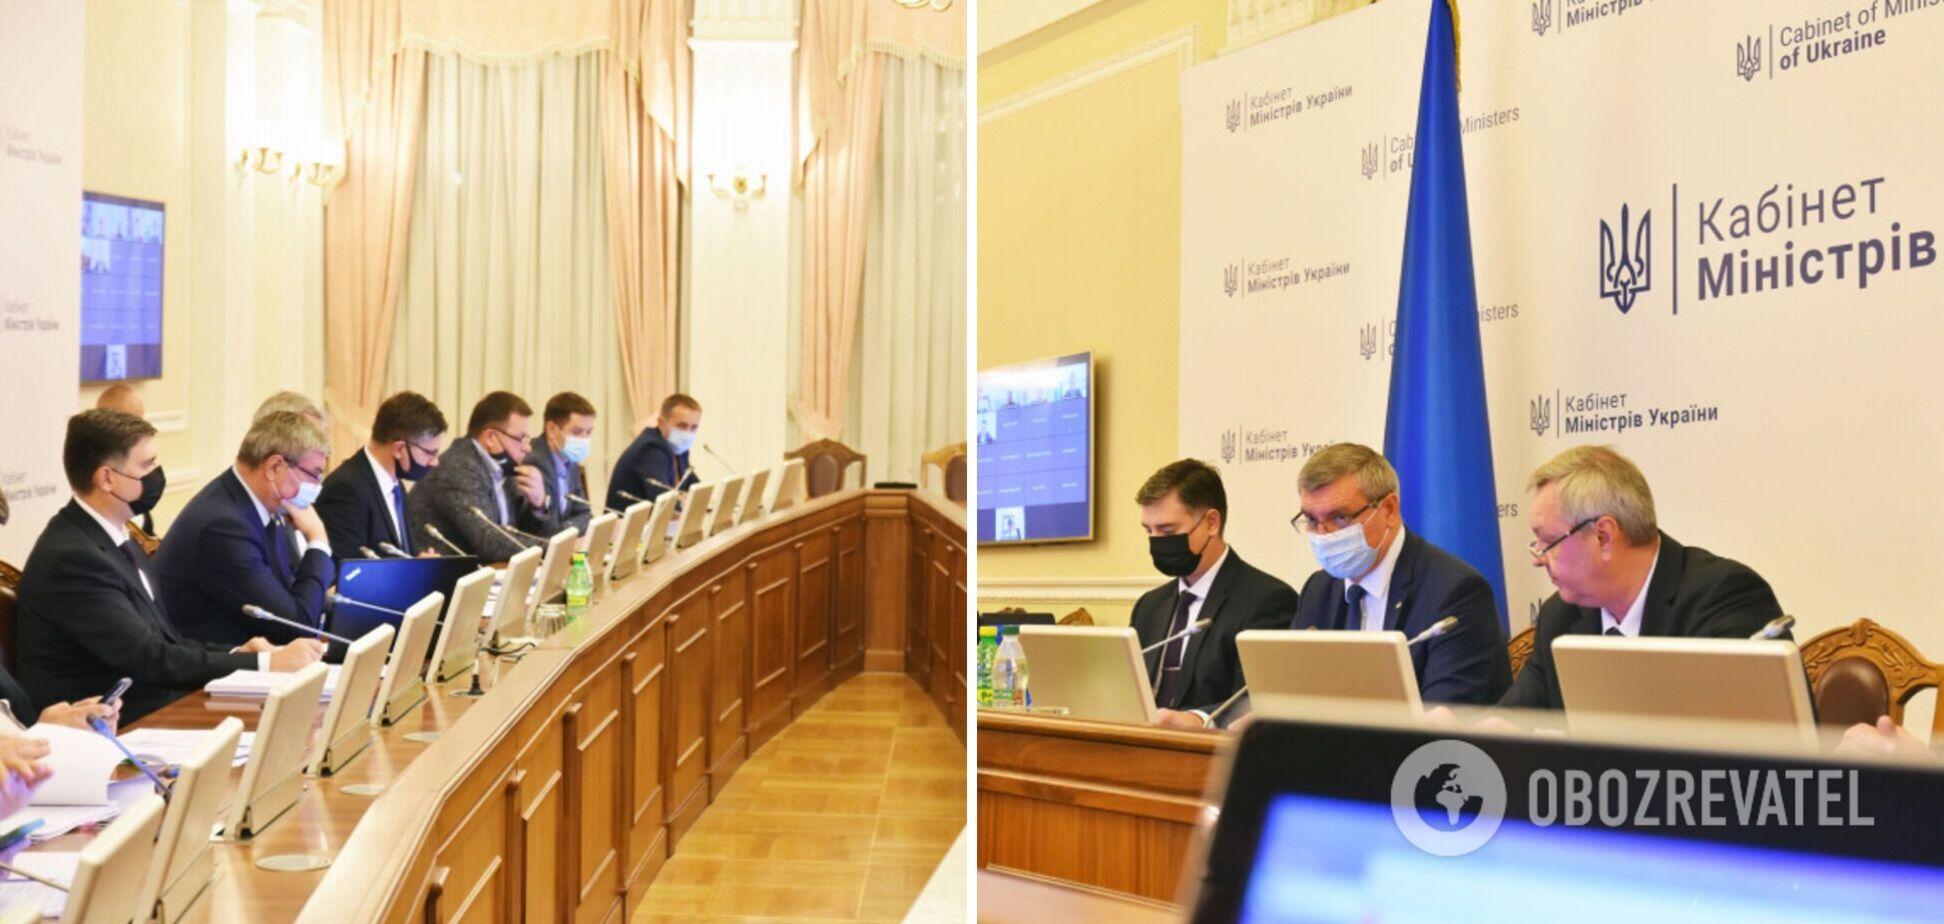 Правительство одобрило космическую программу Украины: названы главные цели